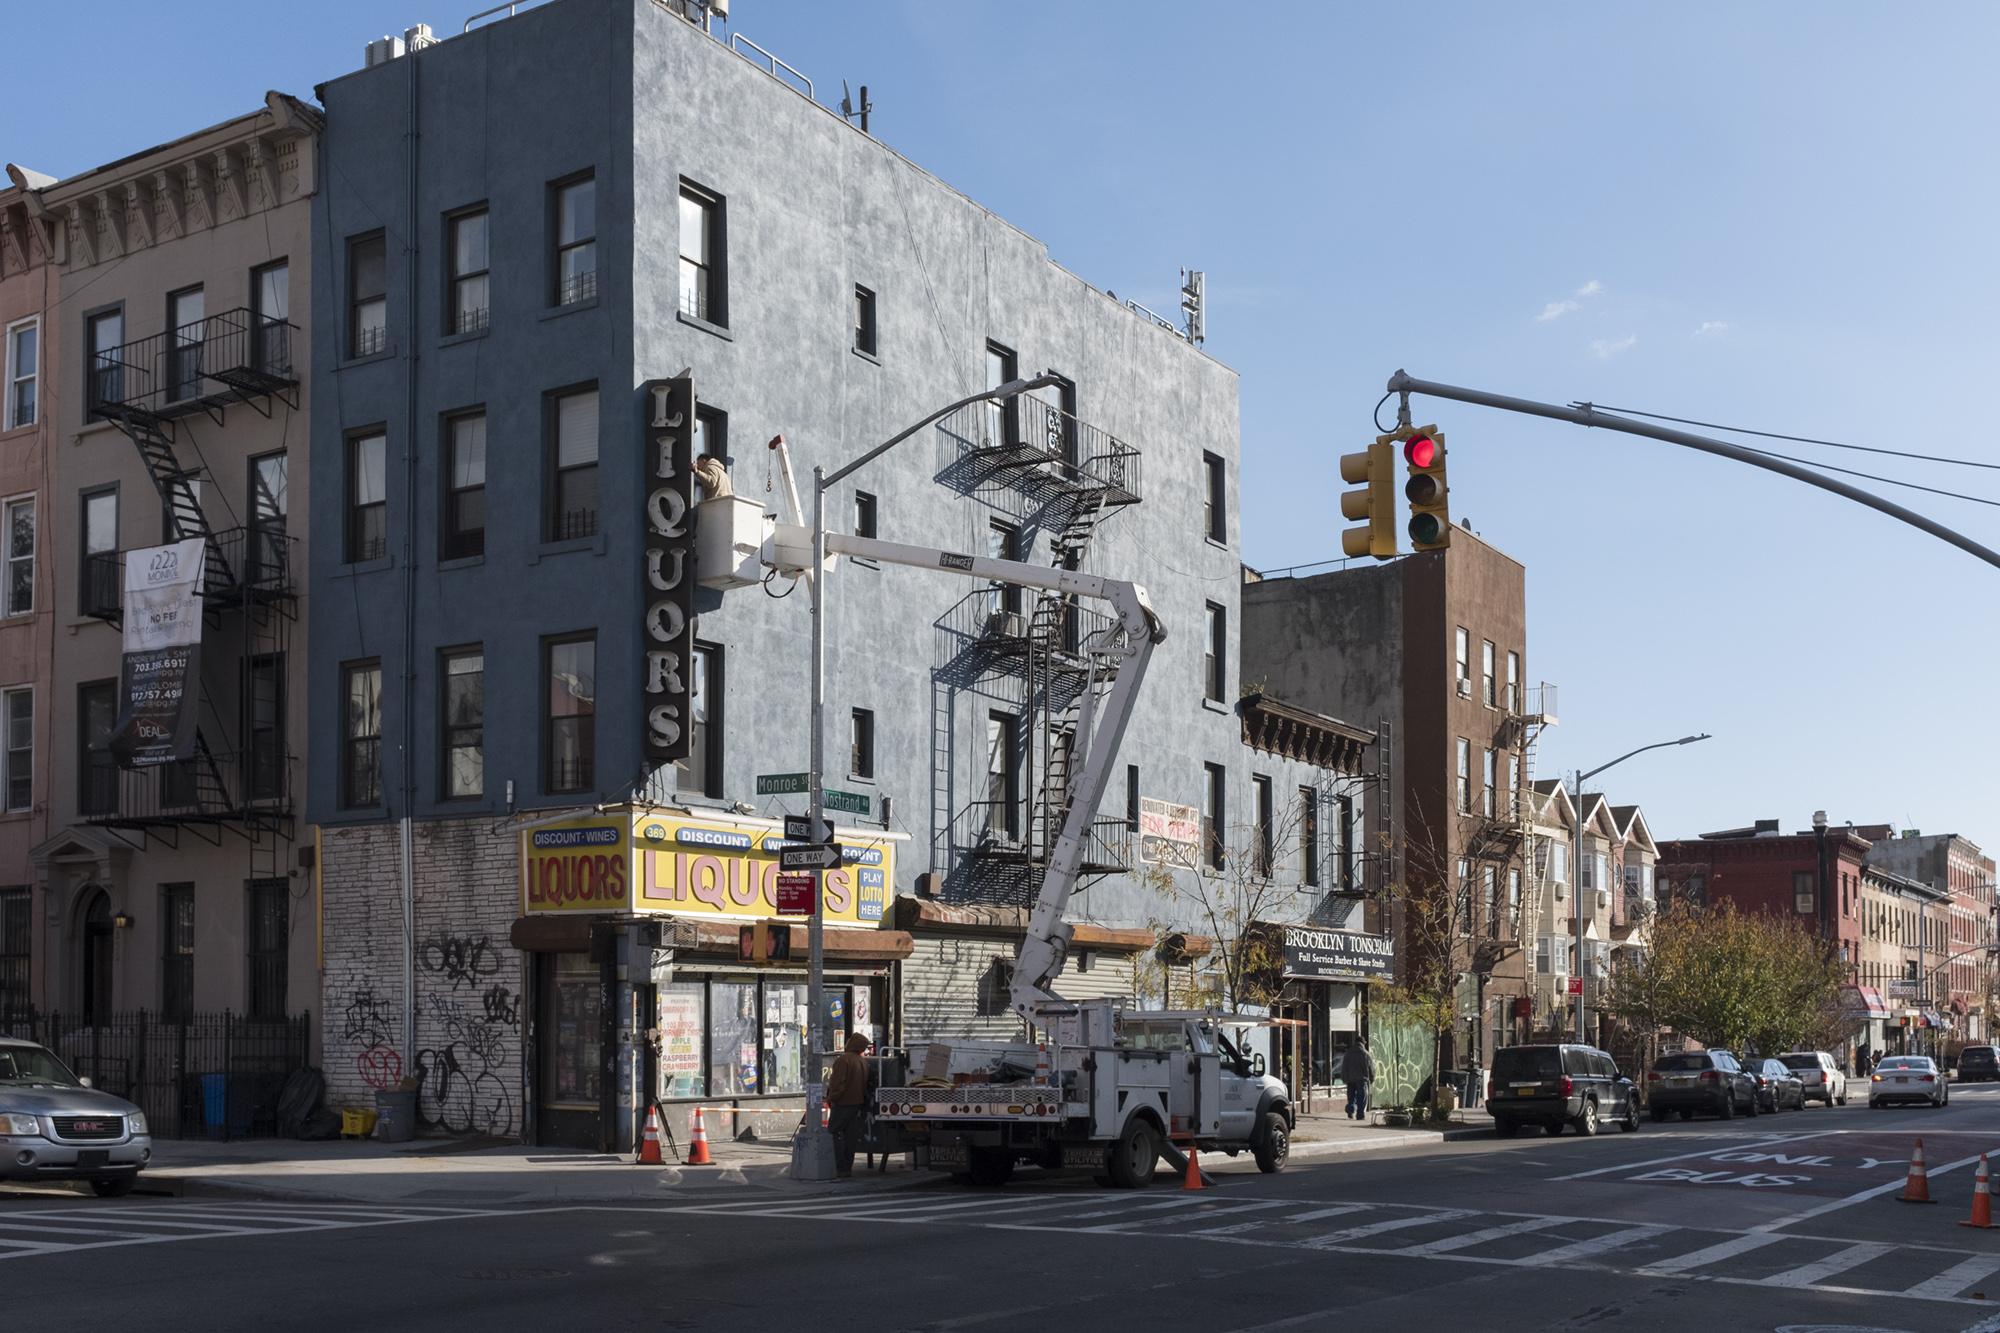 GJB_NYC_004.jpg